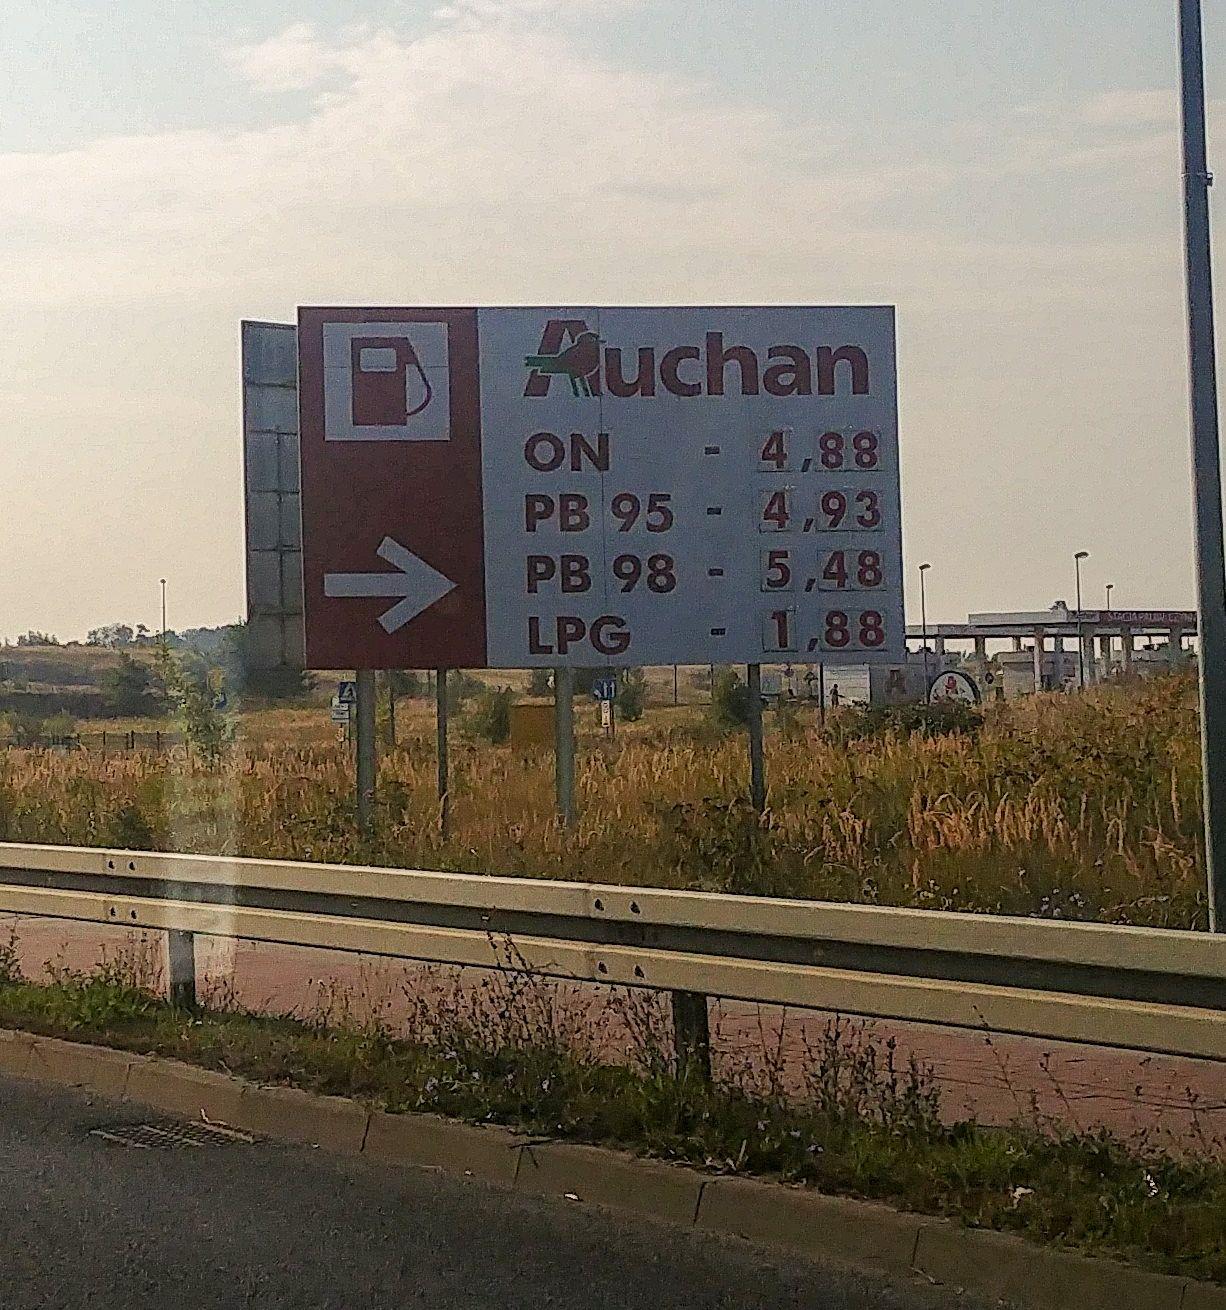 Paliwo tania ropa ON - 4,88 @Auchan Szczecin Ustowo